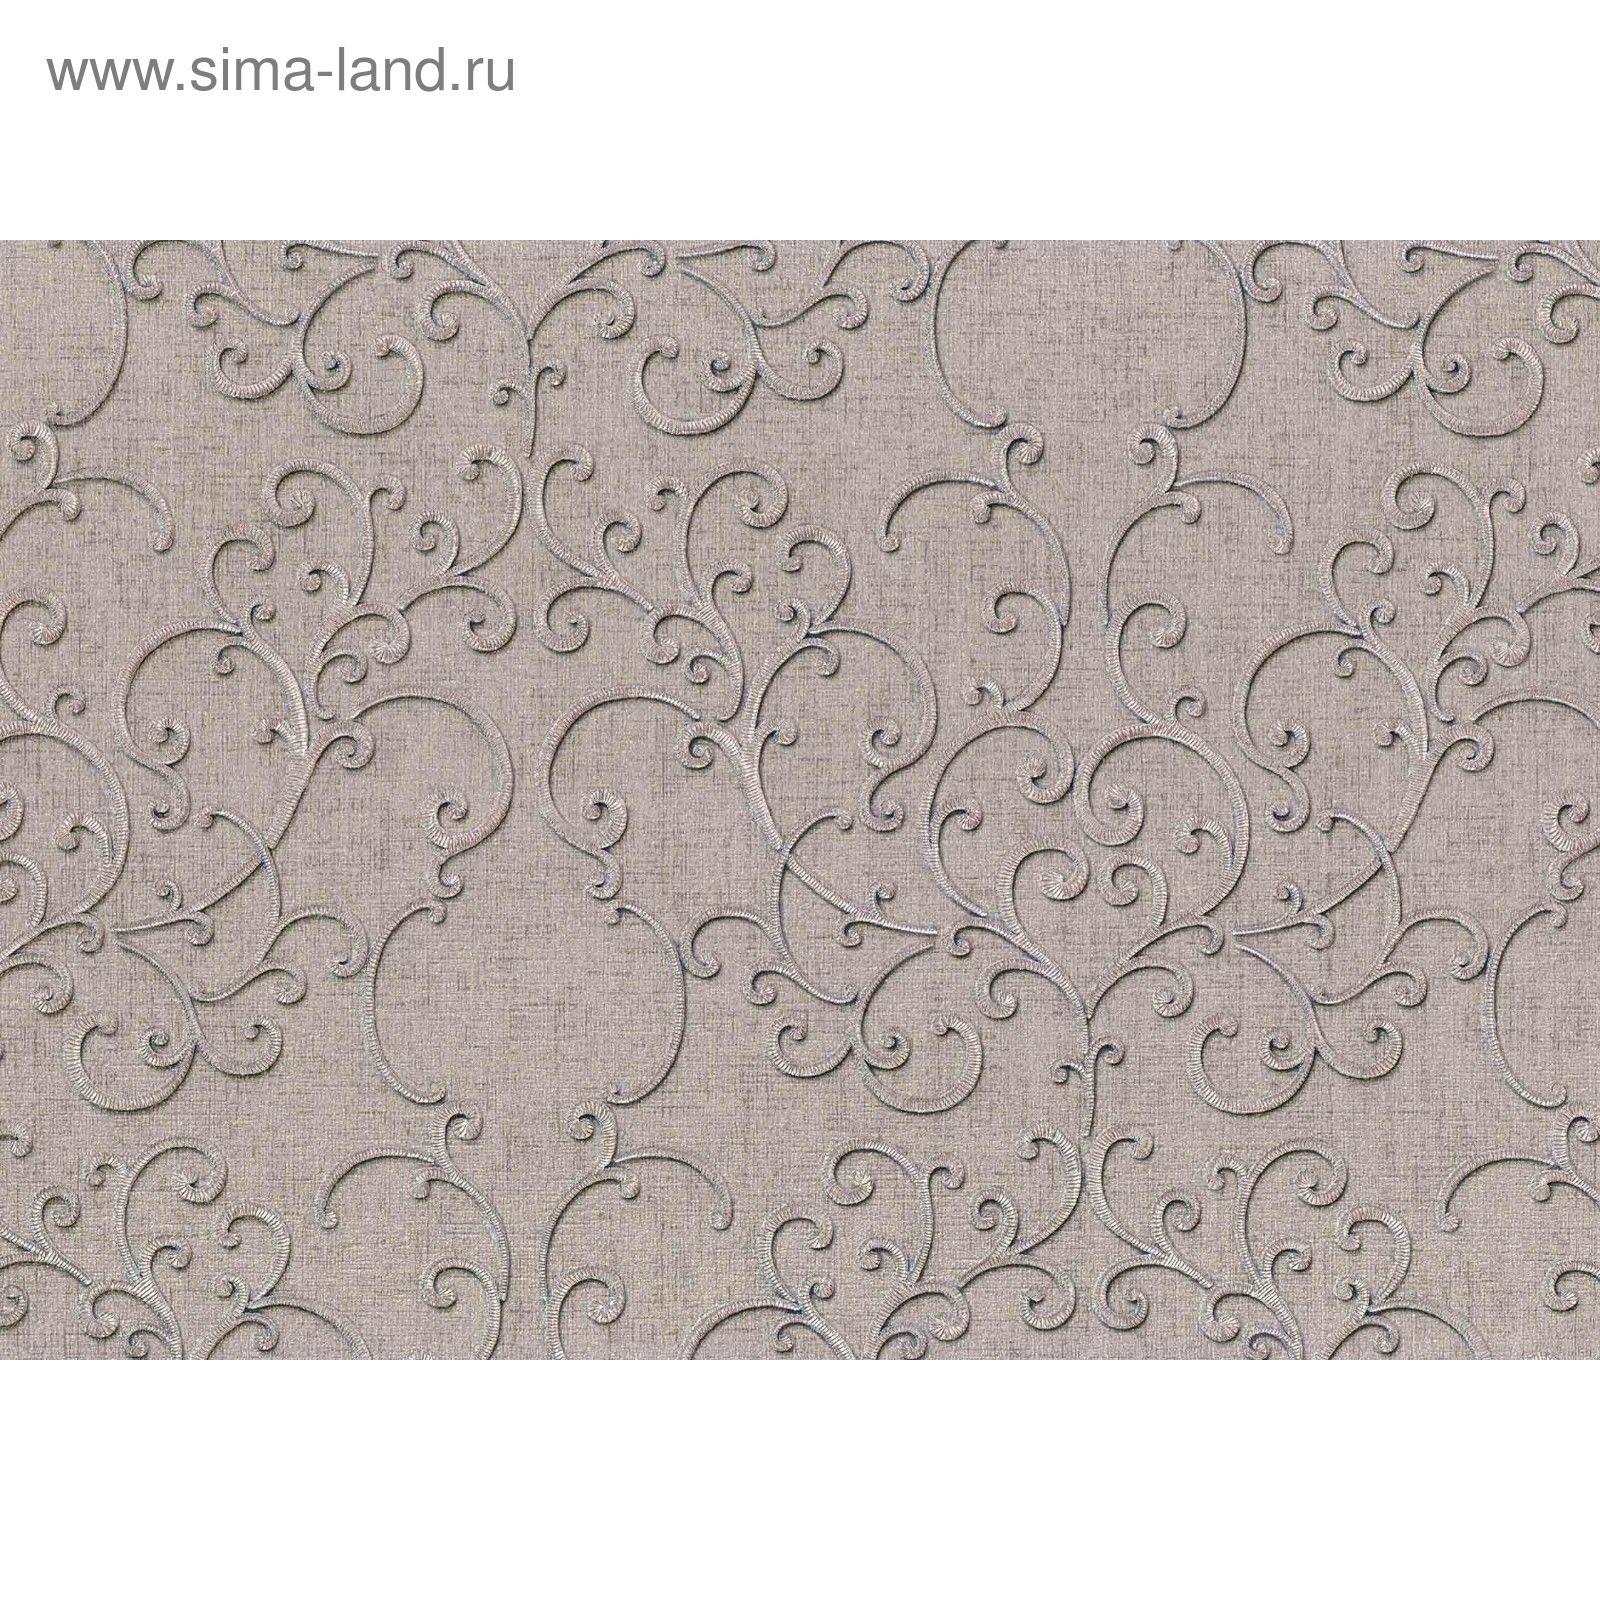 7afb573d57ca3b Обои виниловые на флизелиновой основе Маякпринт 4040-3 OVK Design Тиффани, 1 ,06х10м